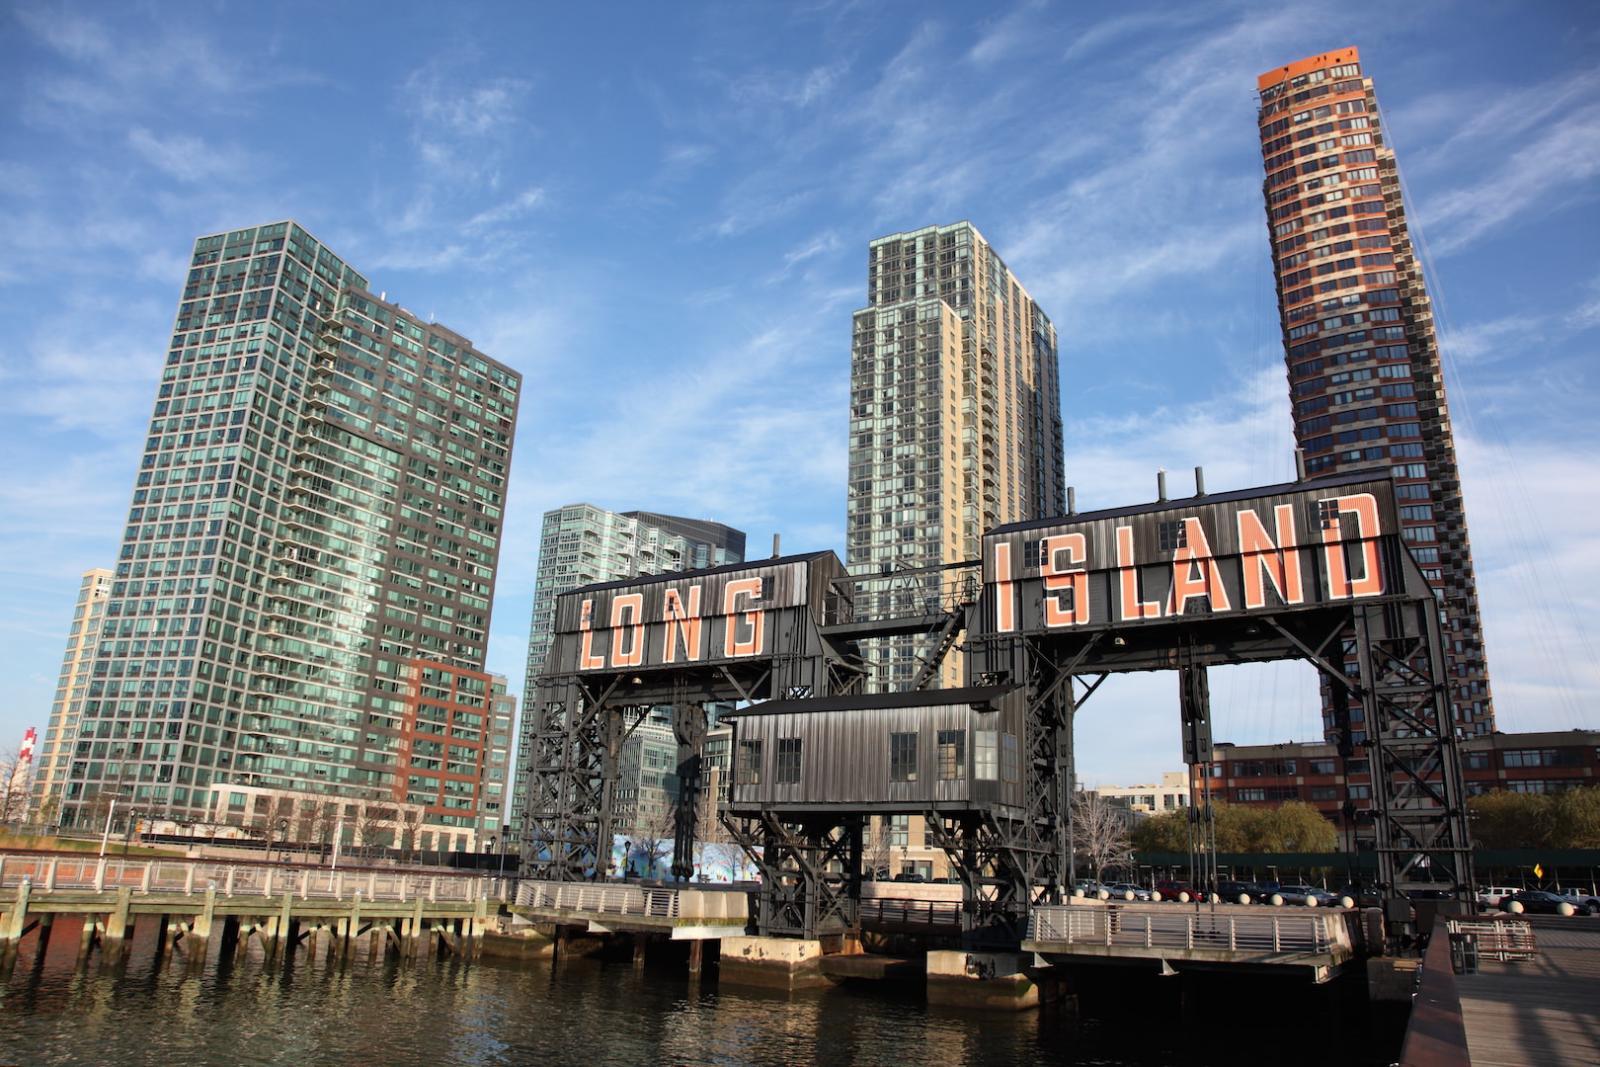 Long Island City in Queens erschafft die Kunst von morgen